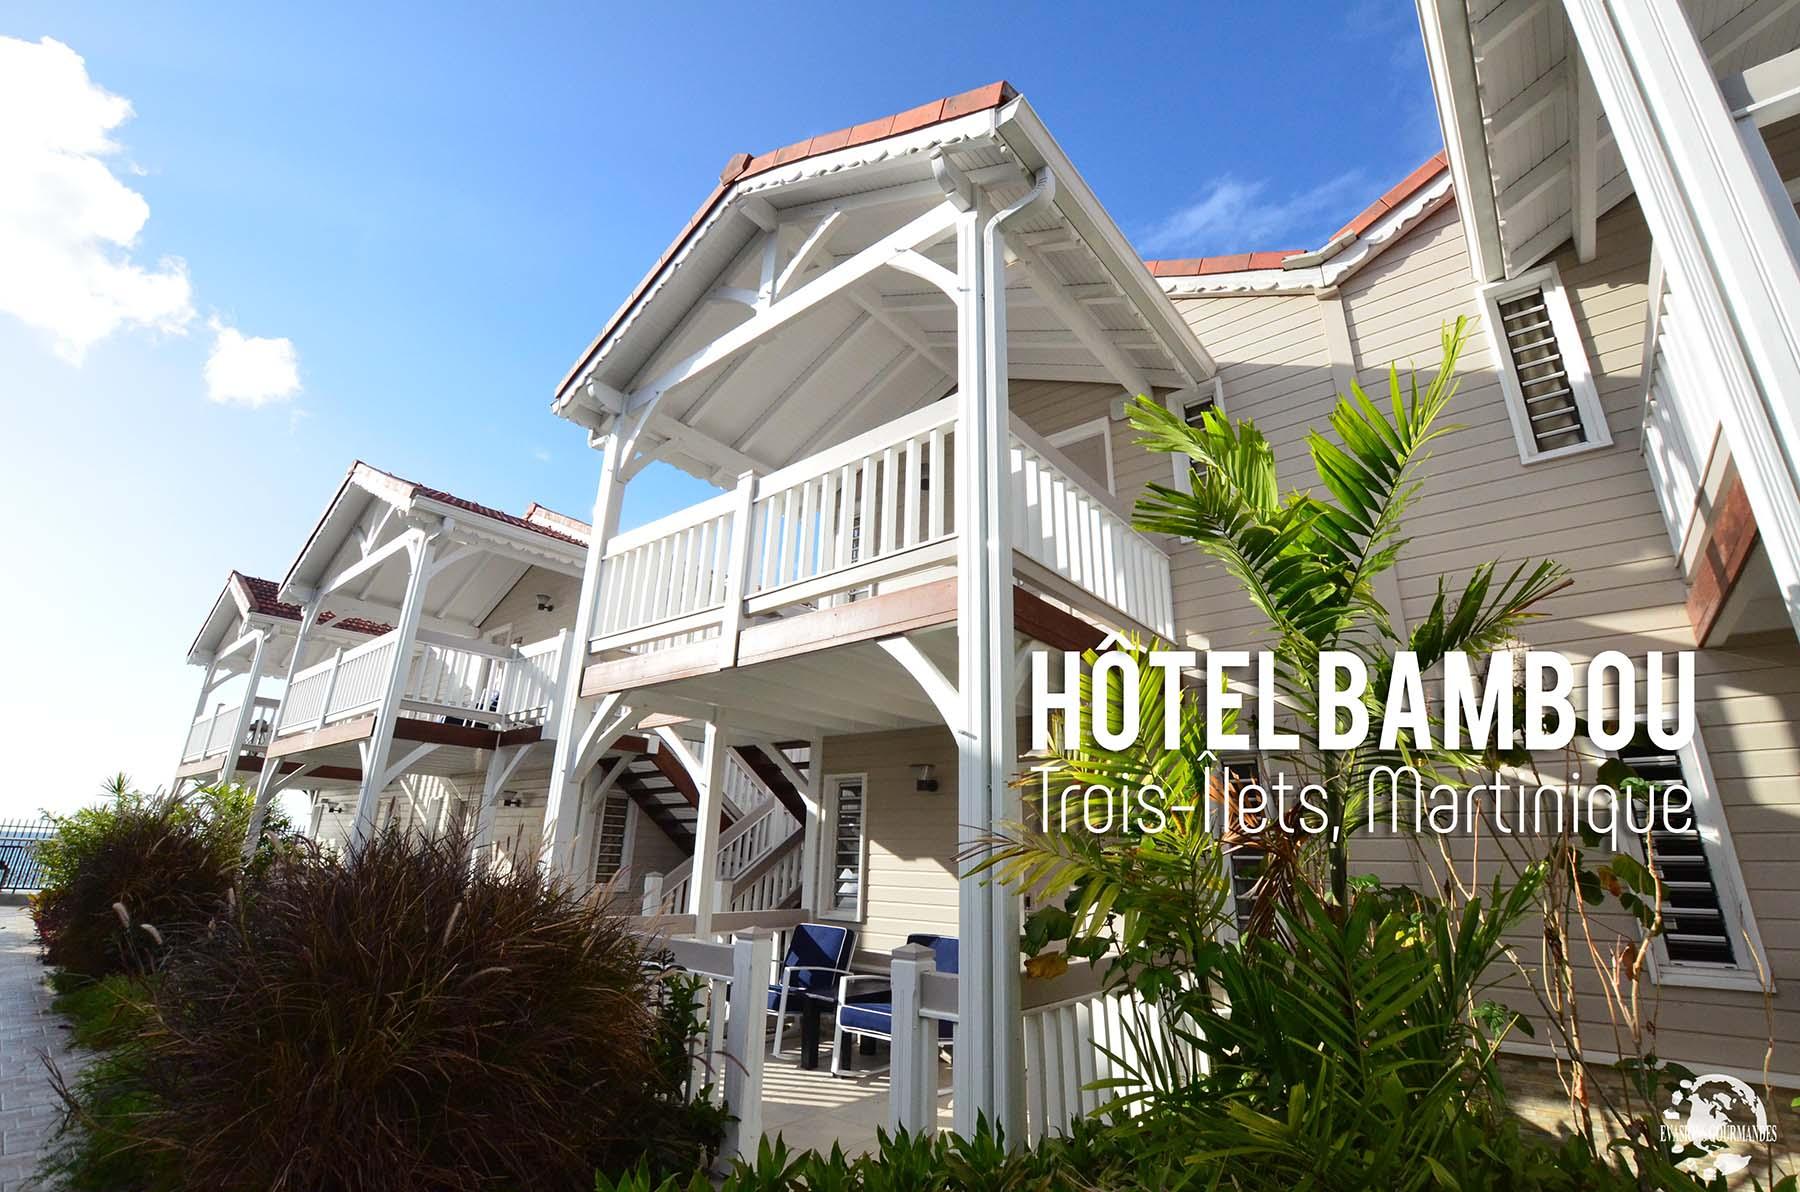 Hôtel Bambou Vacances en Martinique